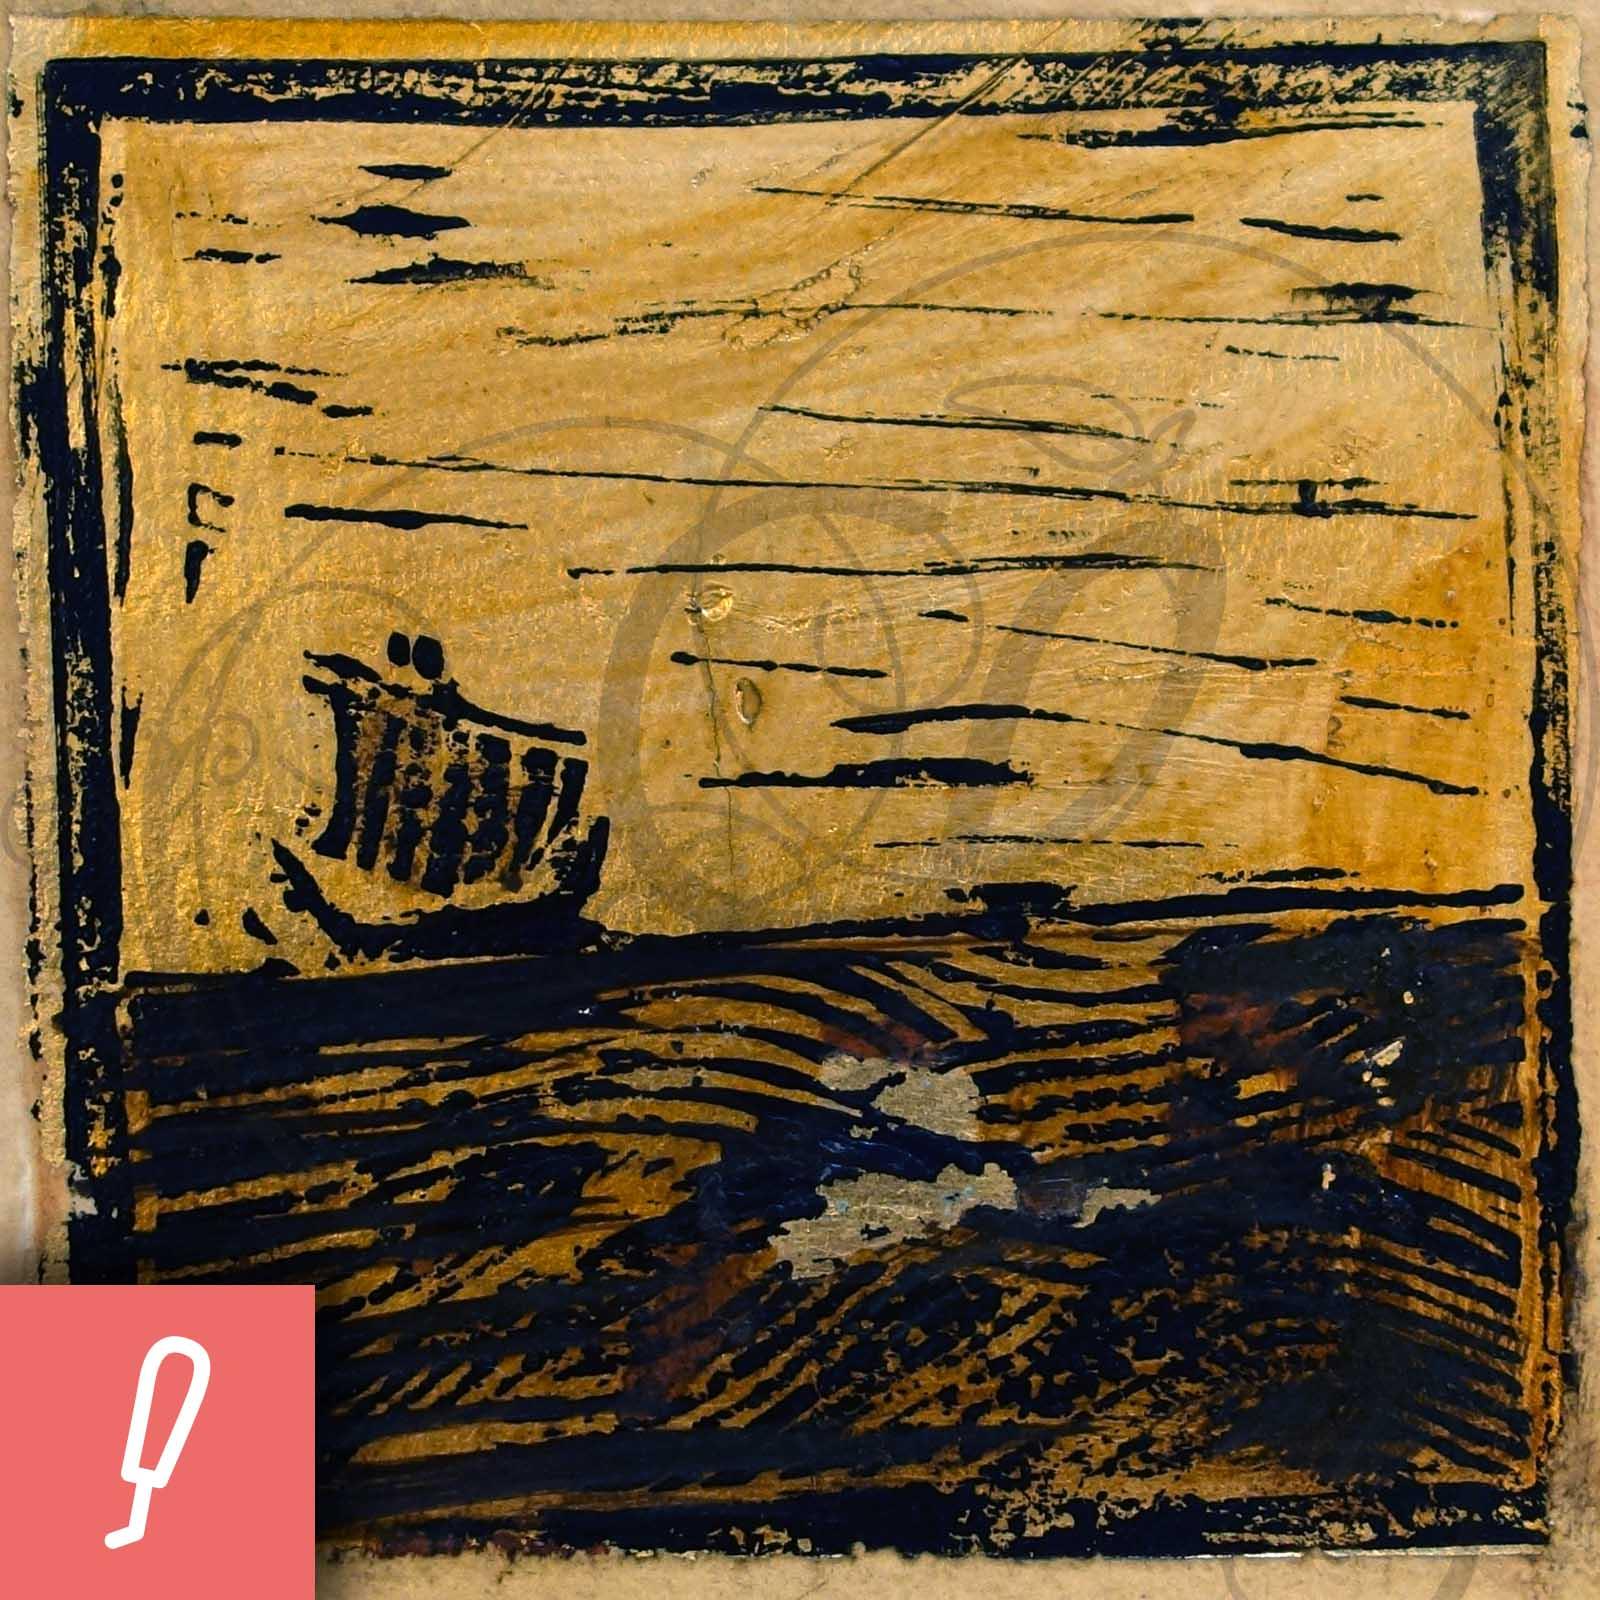 kadeg-gravure-113-01